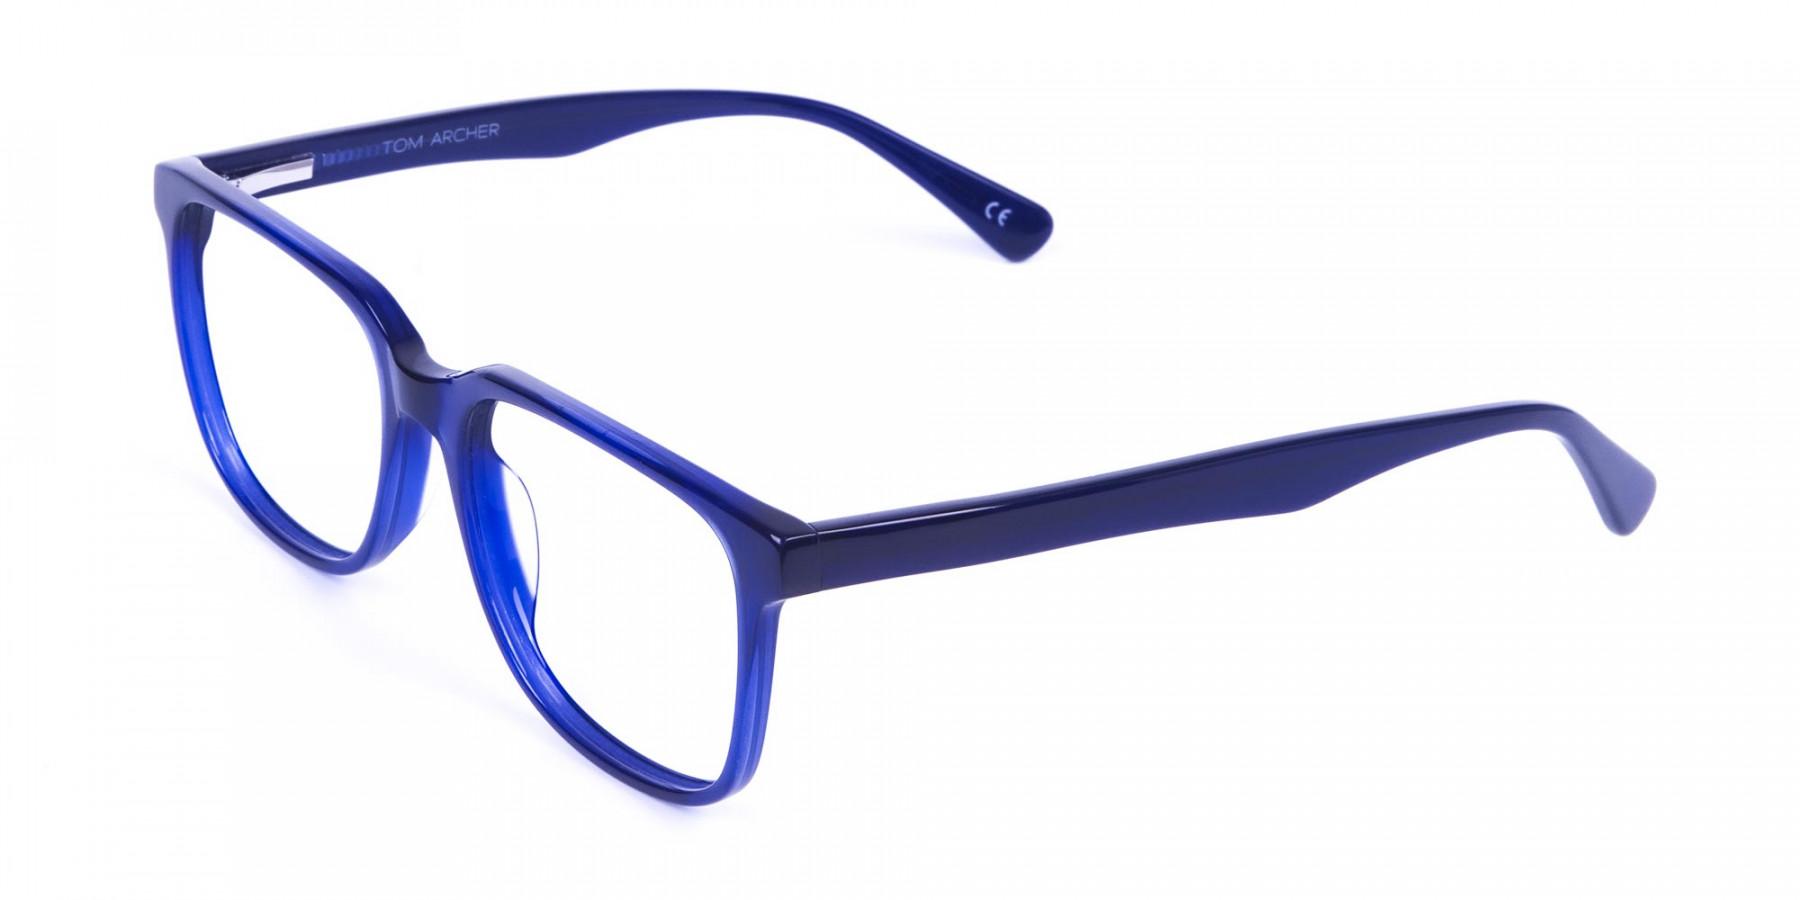 Acetate Navy Blue Wayfarer Glasses Frames - 1